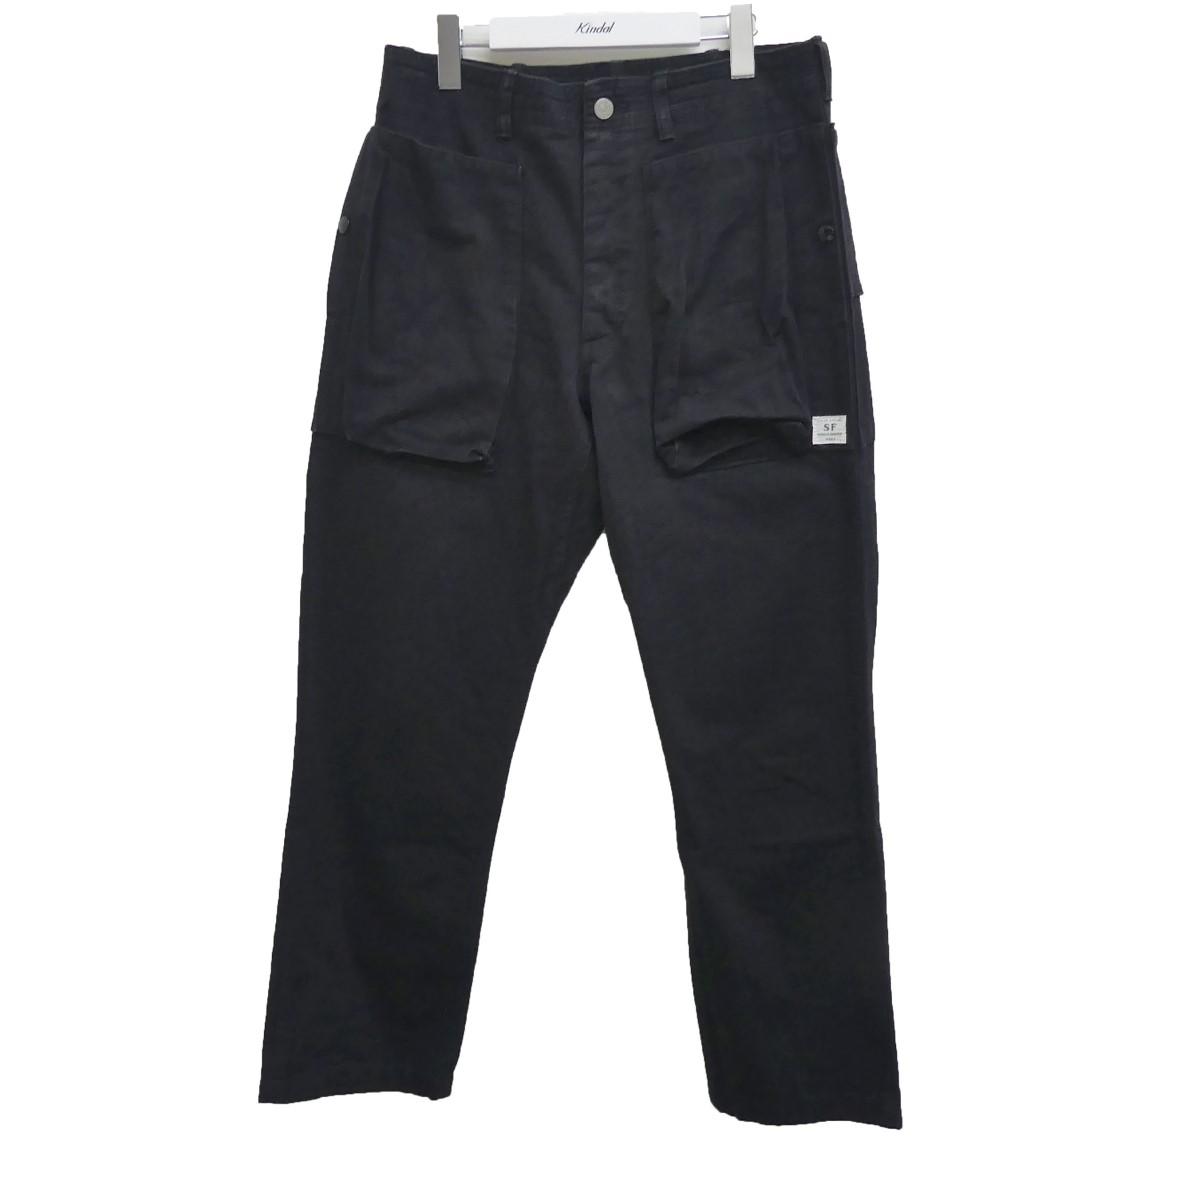 【中古】SASSAFRAS 18SS DIGS CREW PANTS ディグスクルーパンツ ブラック サイズ:S 【200720】(ササフラス)